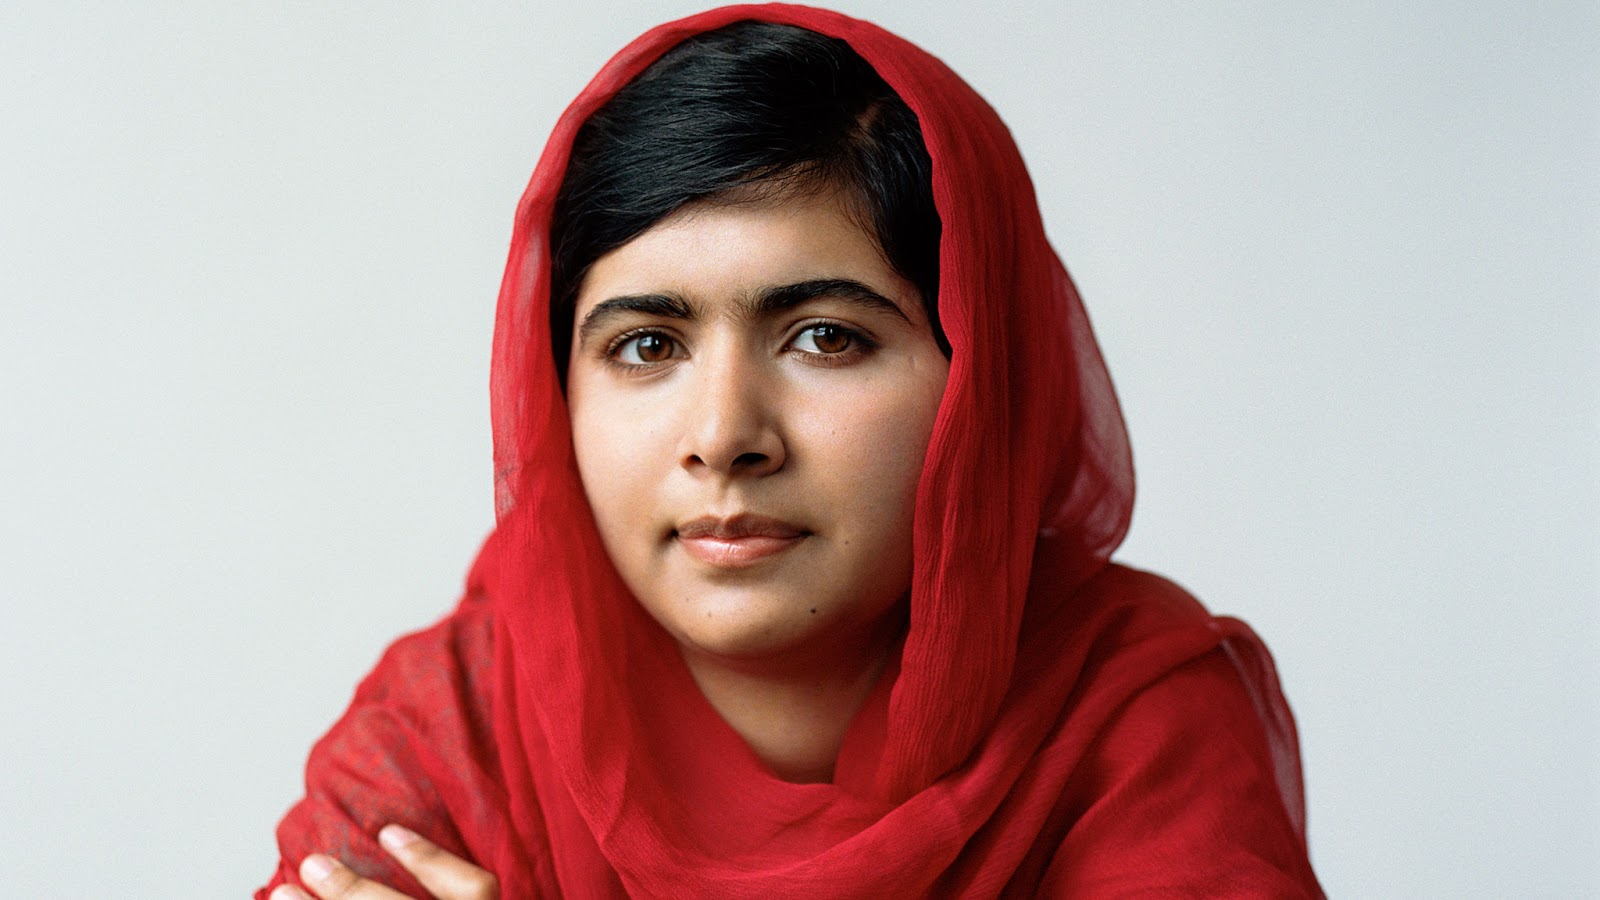 Nhà hoạt động cho nữ quyền Malala Yousafzai.